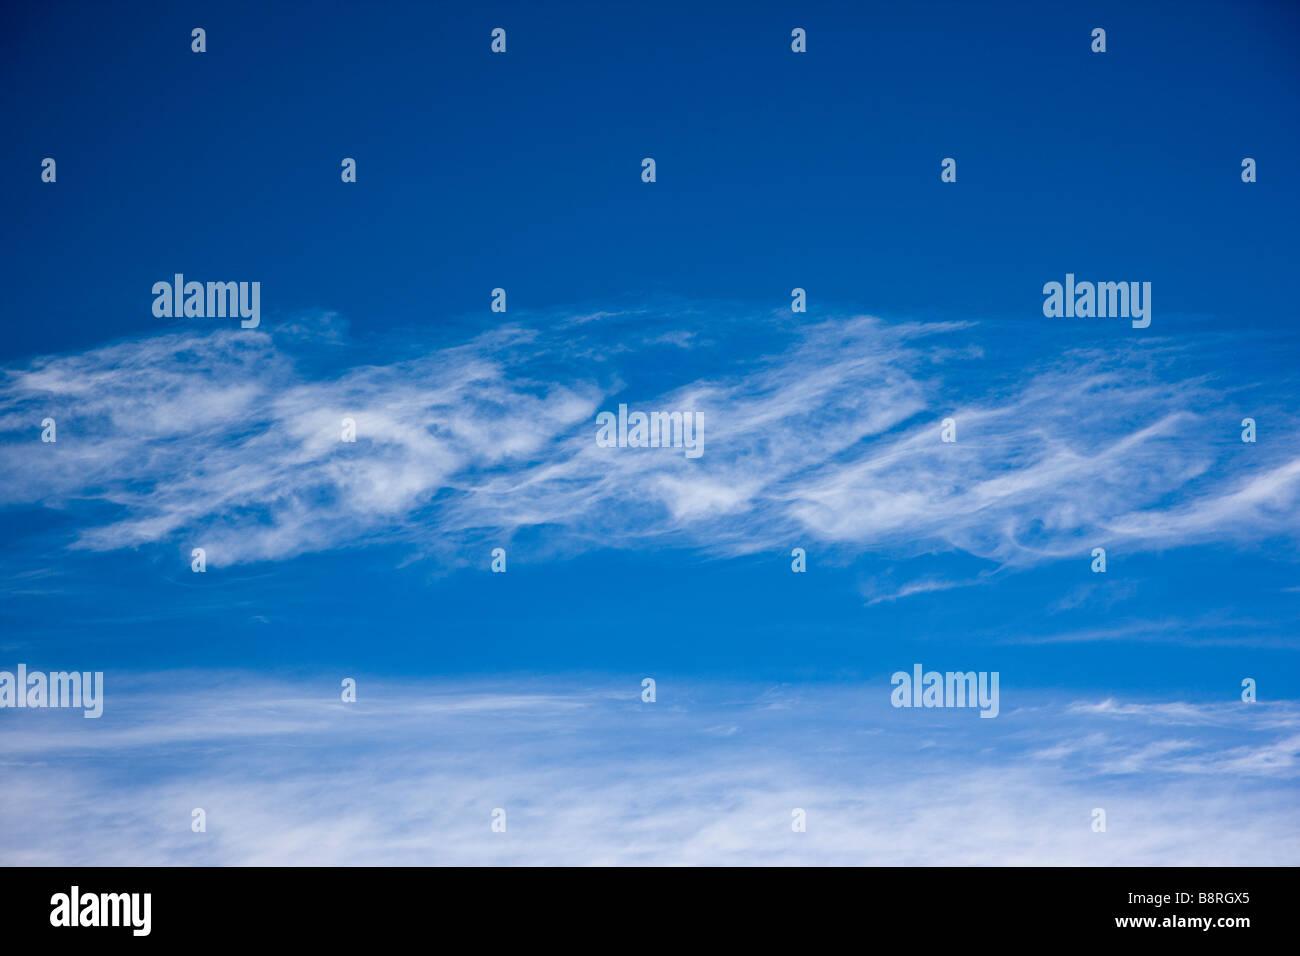 Unusual cloud formations in a winter Colorado sky - Stock Image